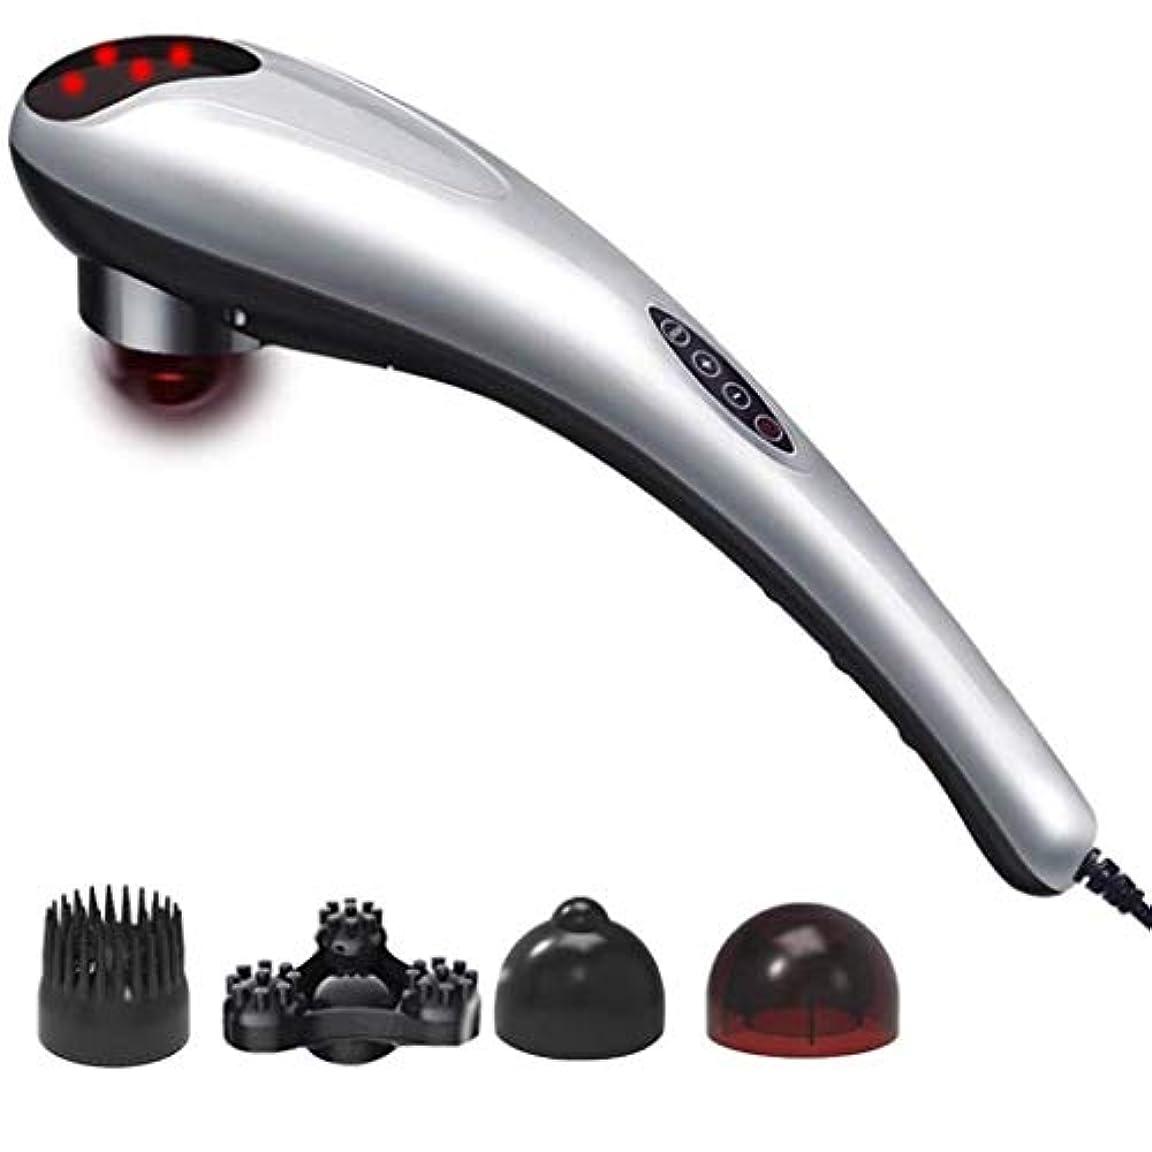 電気マッサージ機、指圧肩と首のマッサージ、首の背中の肩の腰と脚に適した加熱ディープニーディングバックマッサージ、ホームカーオフィスで使用可能